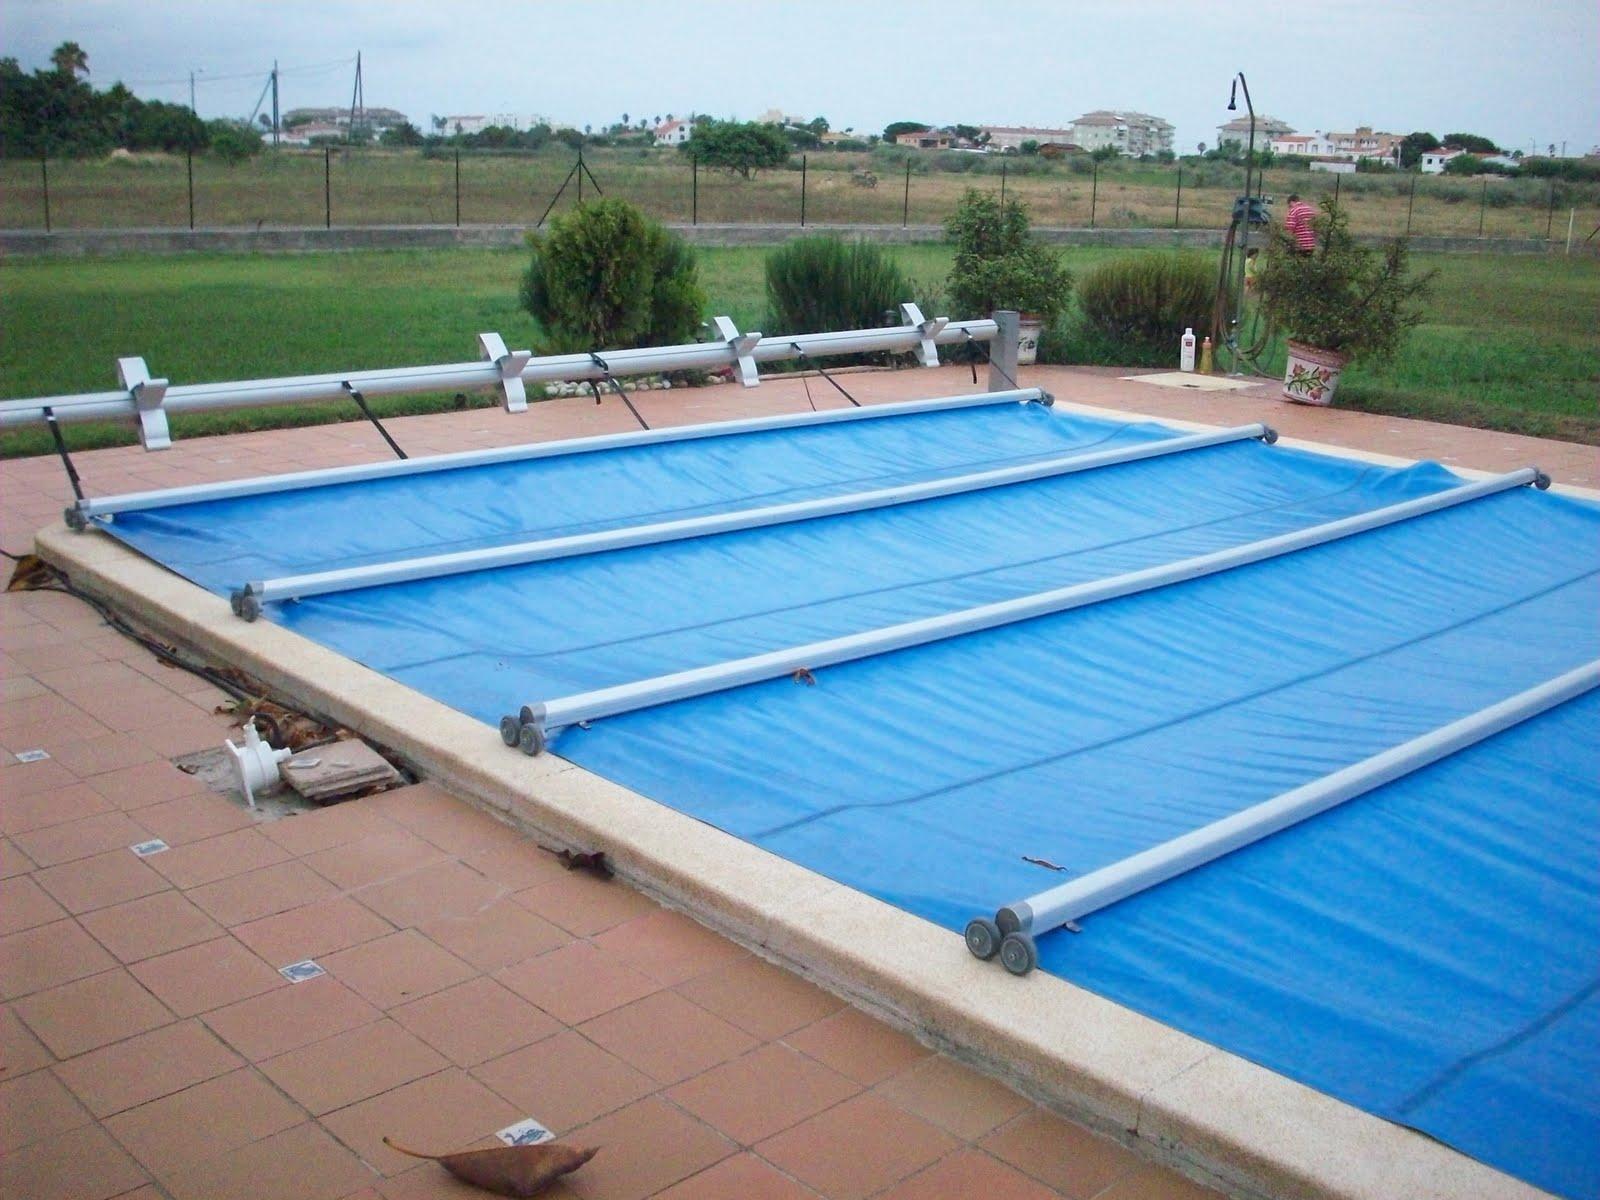 Cobertor deslizante de seguridad cobertores para piscina for Cobertor de piscina automatico